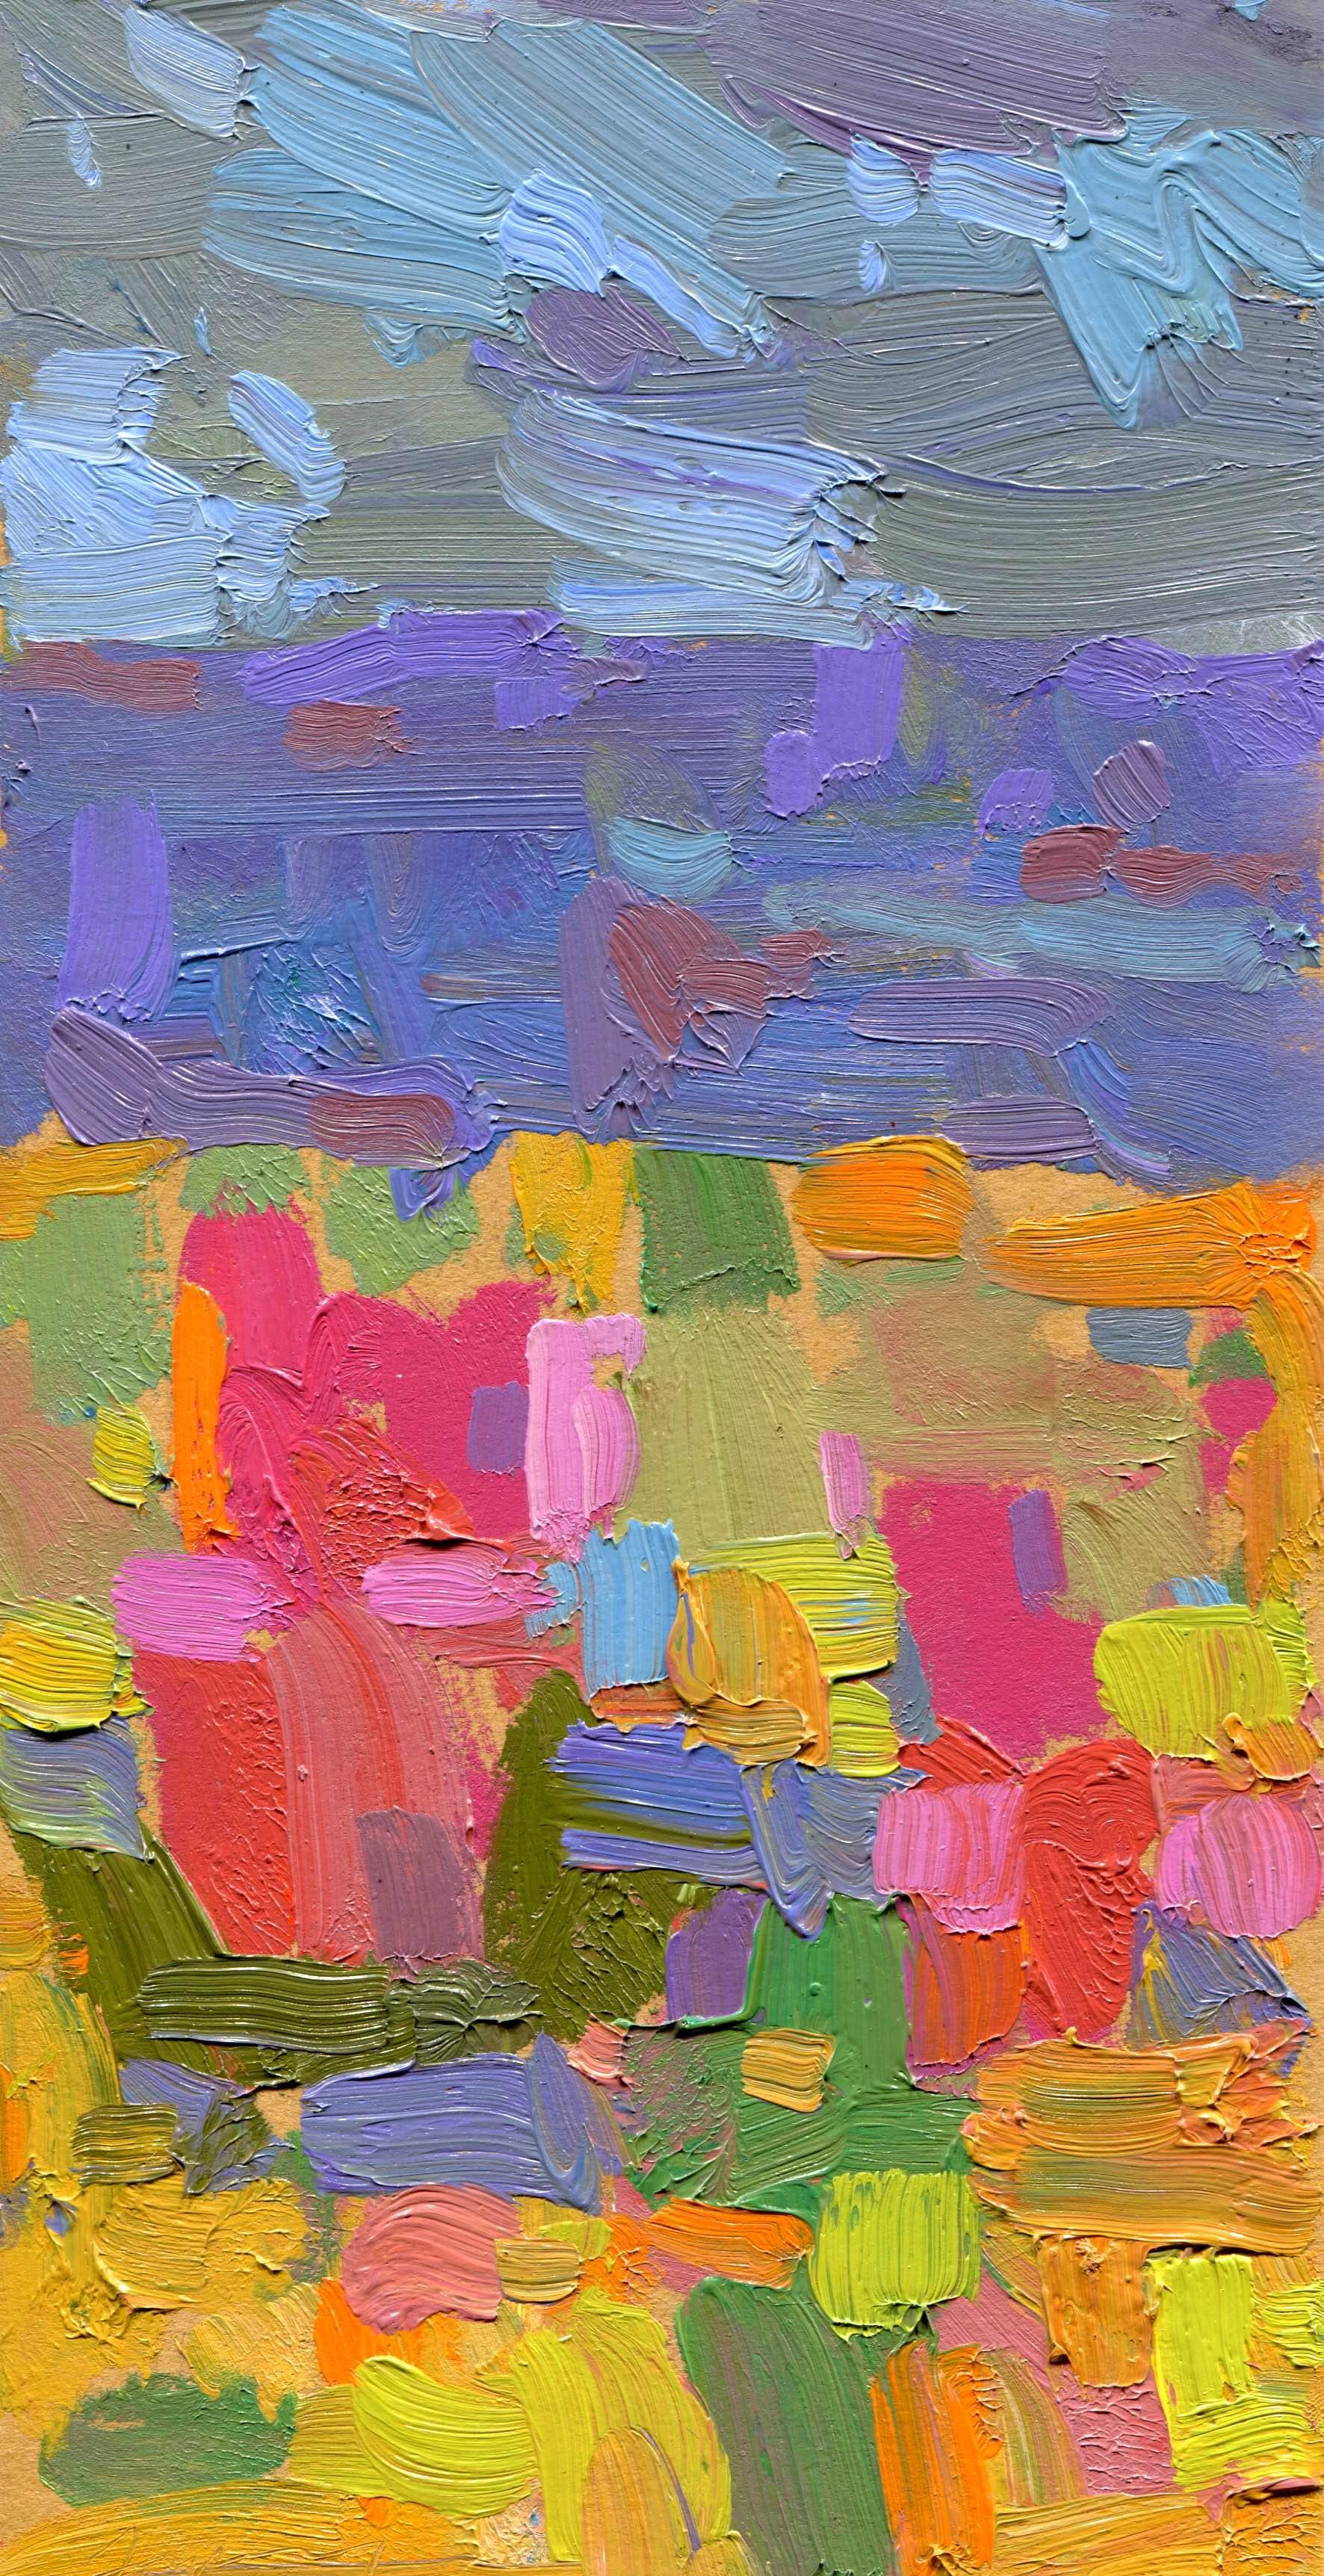 Abstract Landscape (Violet)